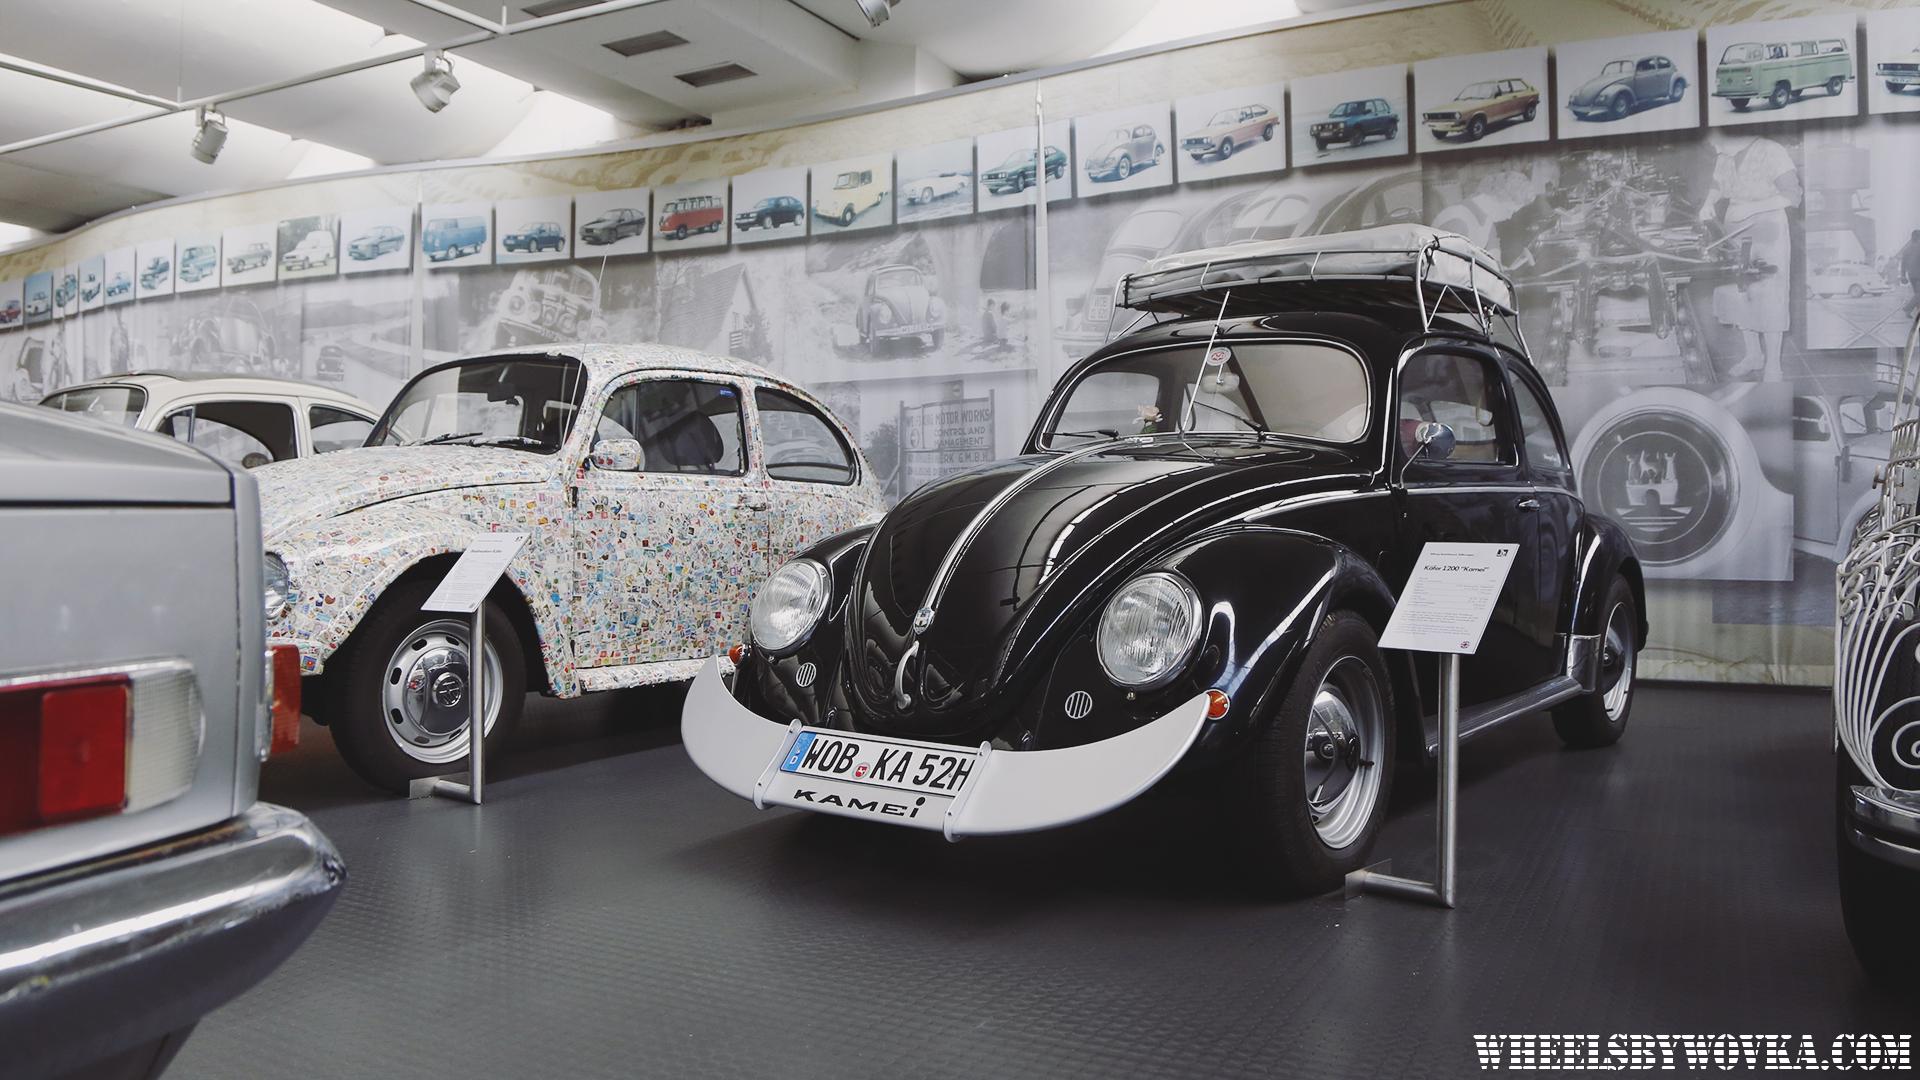 volkswagen-vw-museum-wolfsbourg-tour-by-wheelsbywovka-15